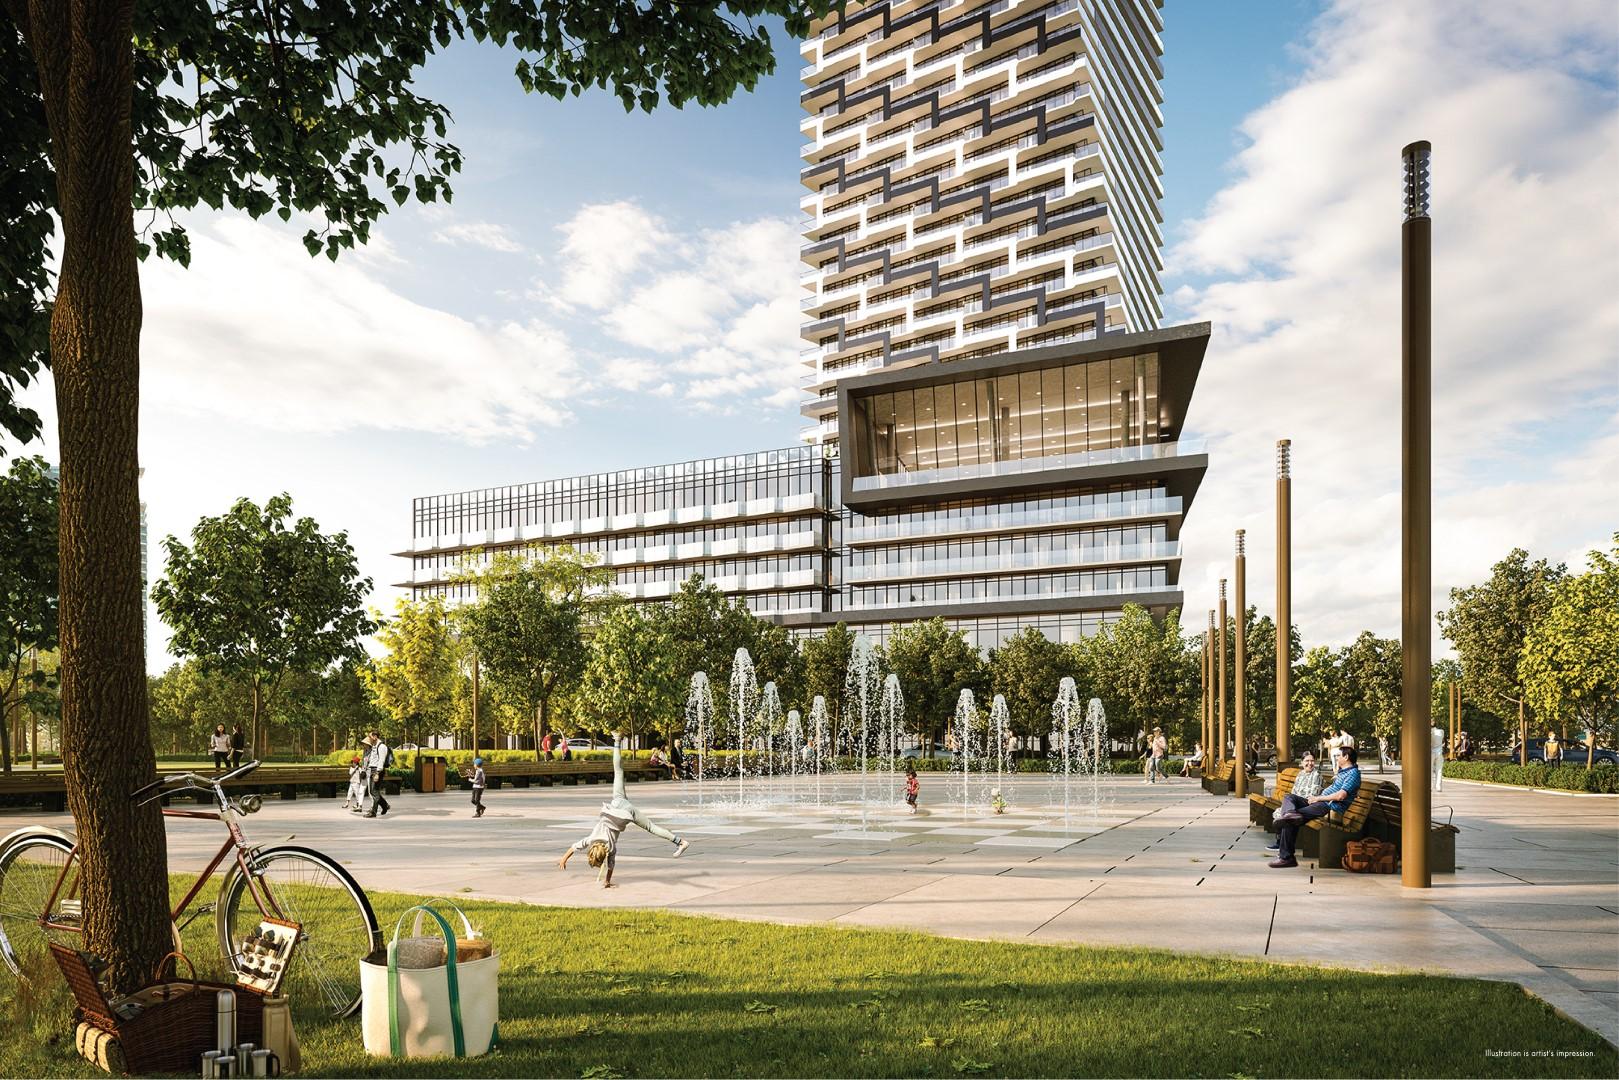 M3 M-city condos rendering of park exterior